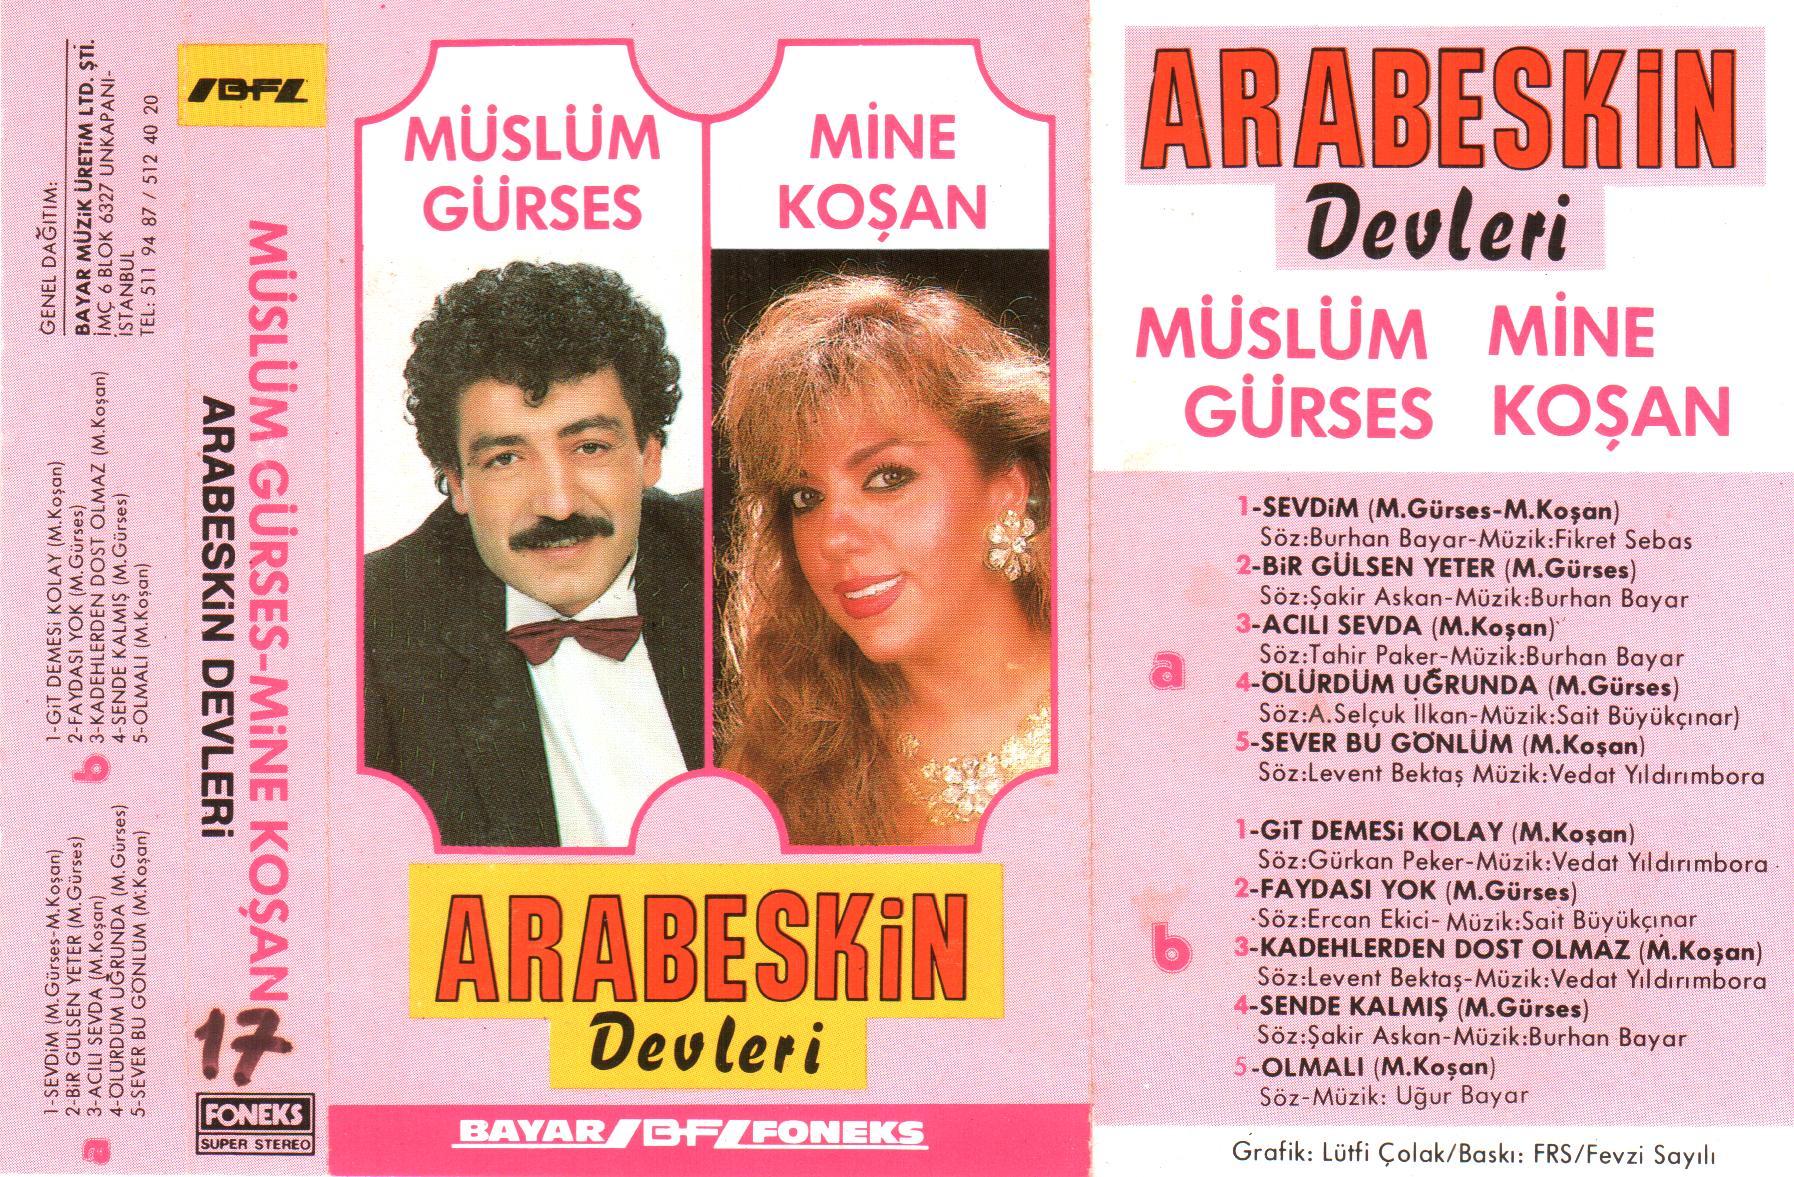 Müslüm Gürses Arabeskin Devleri Albümü albüm kapağı